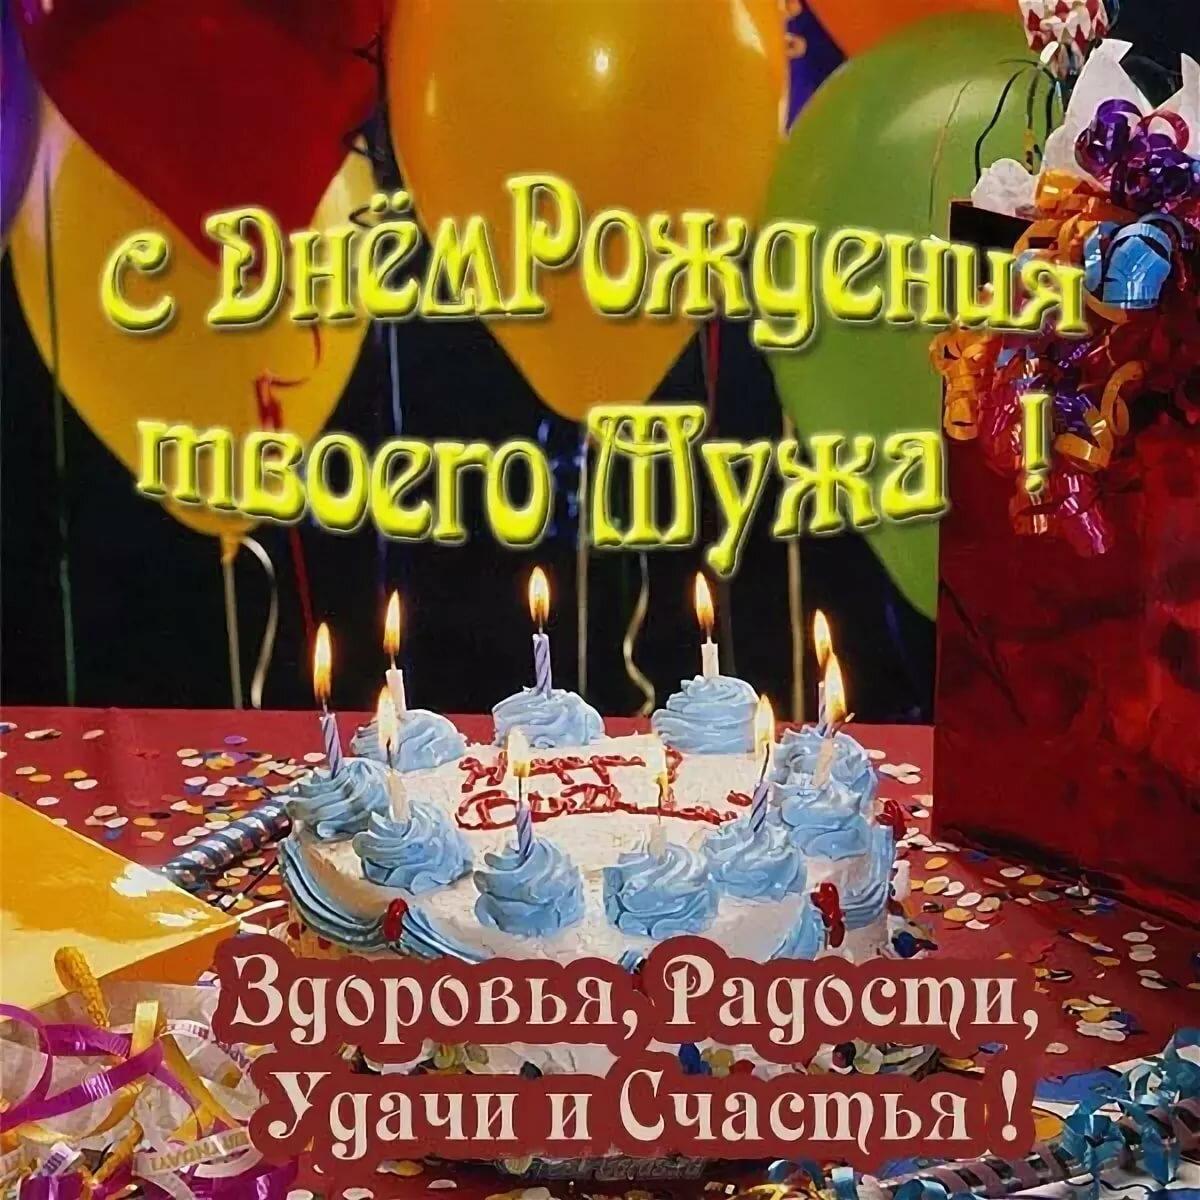 распрессовалколь поздравление с днем рождения мужу подруги в прозе своими открытки поздравления